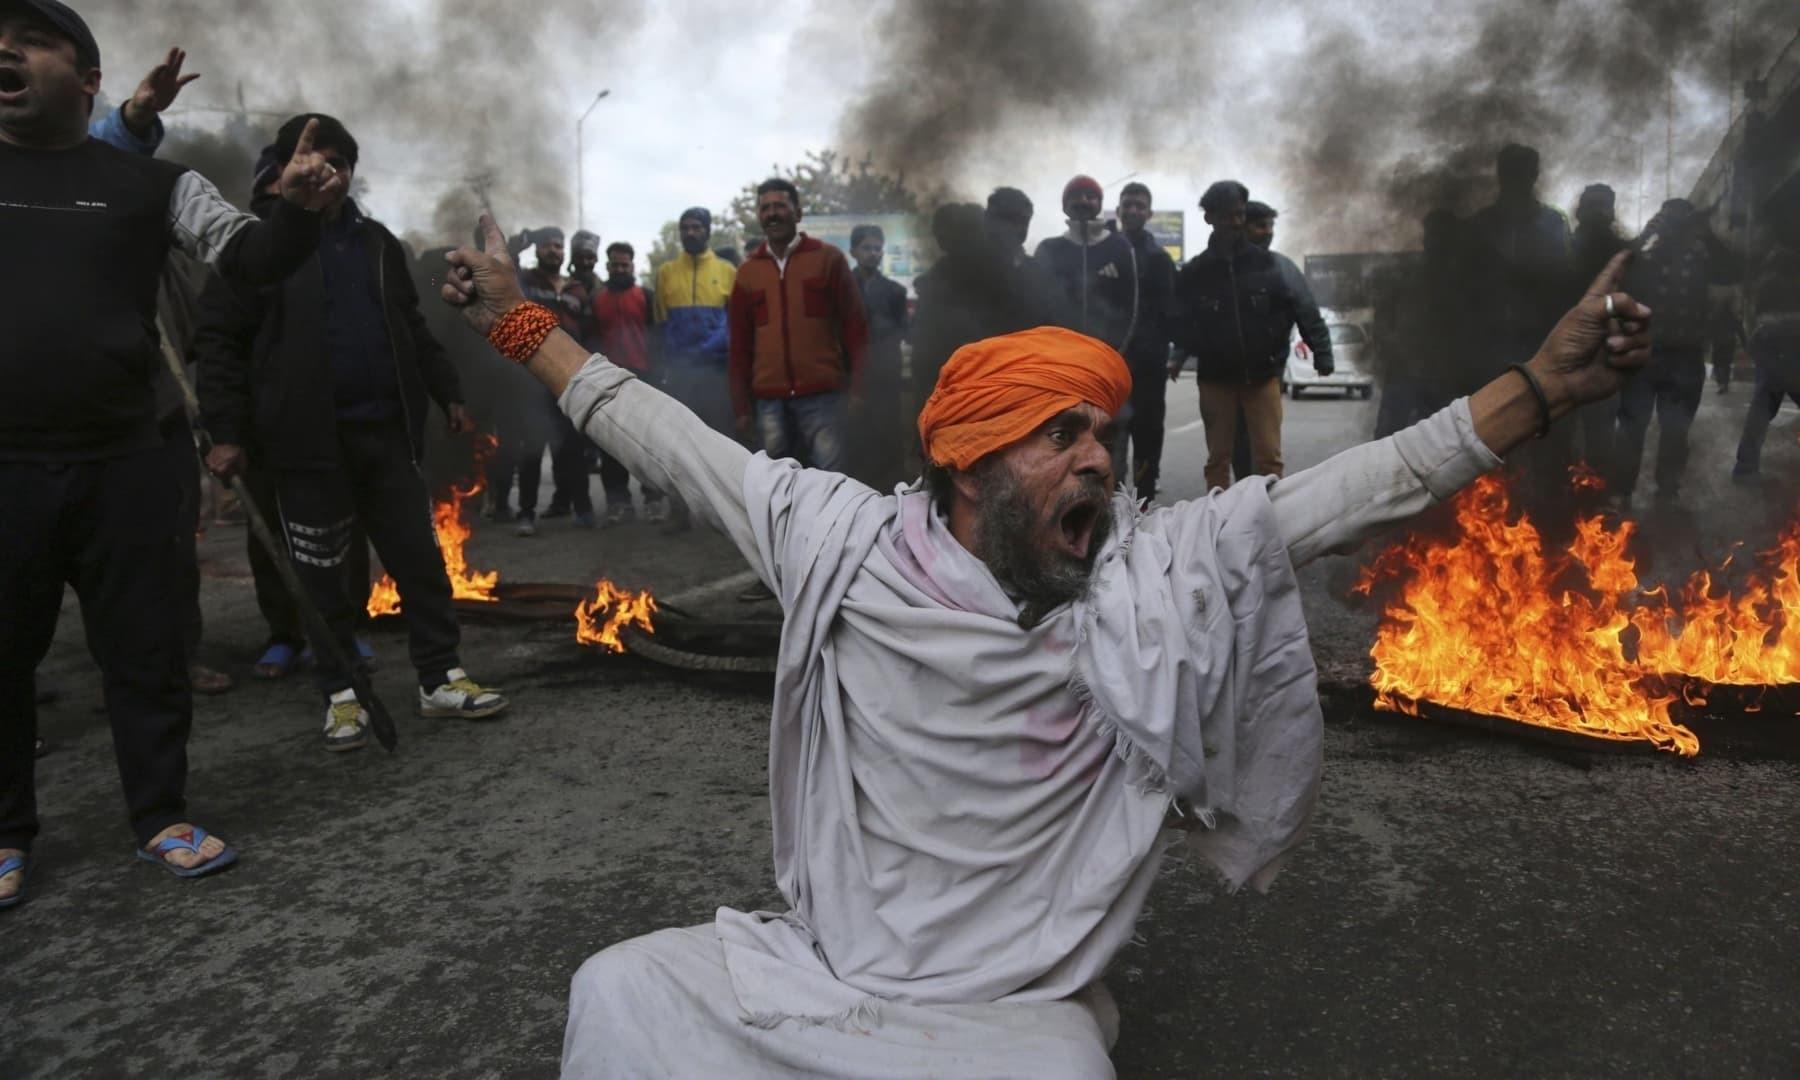 امریکی کمیشن کی مذہبی آزادی کی خلاف ورزی پر بھارت کو بلیک لسٹ کرنے کی سفارش